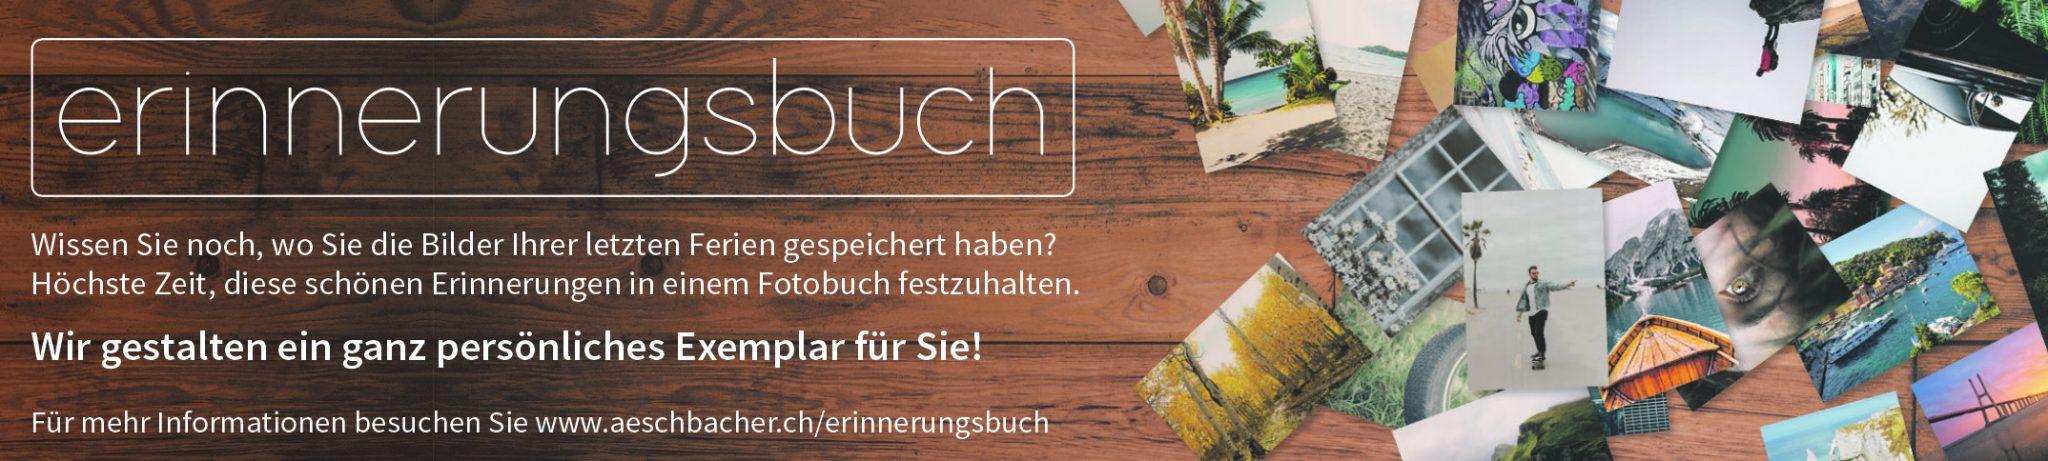 Fotobuch Füller-Für Mail.indd